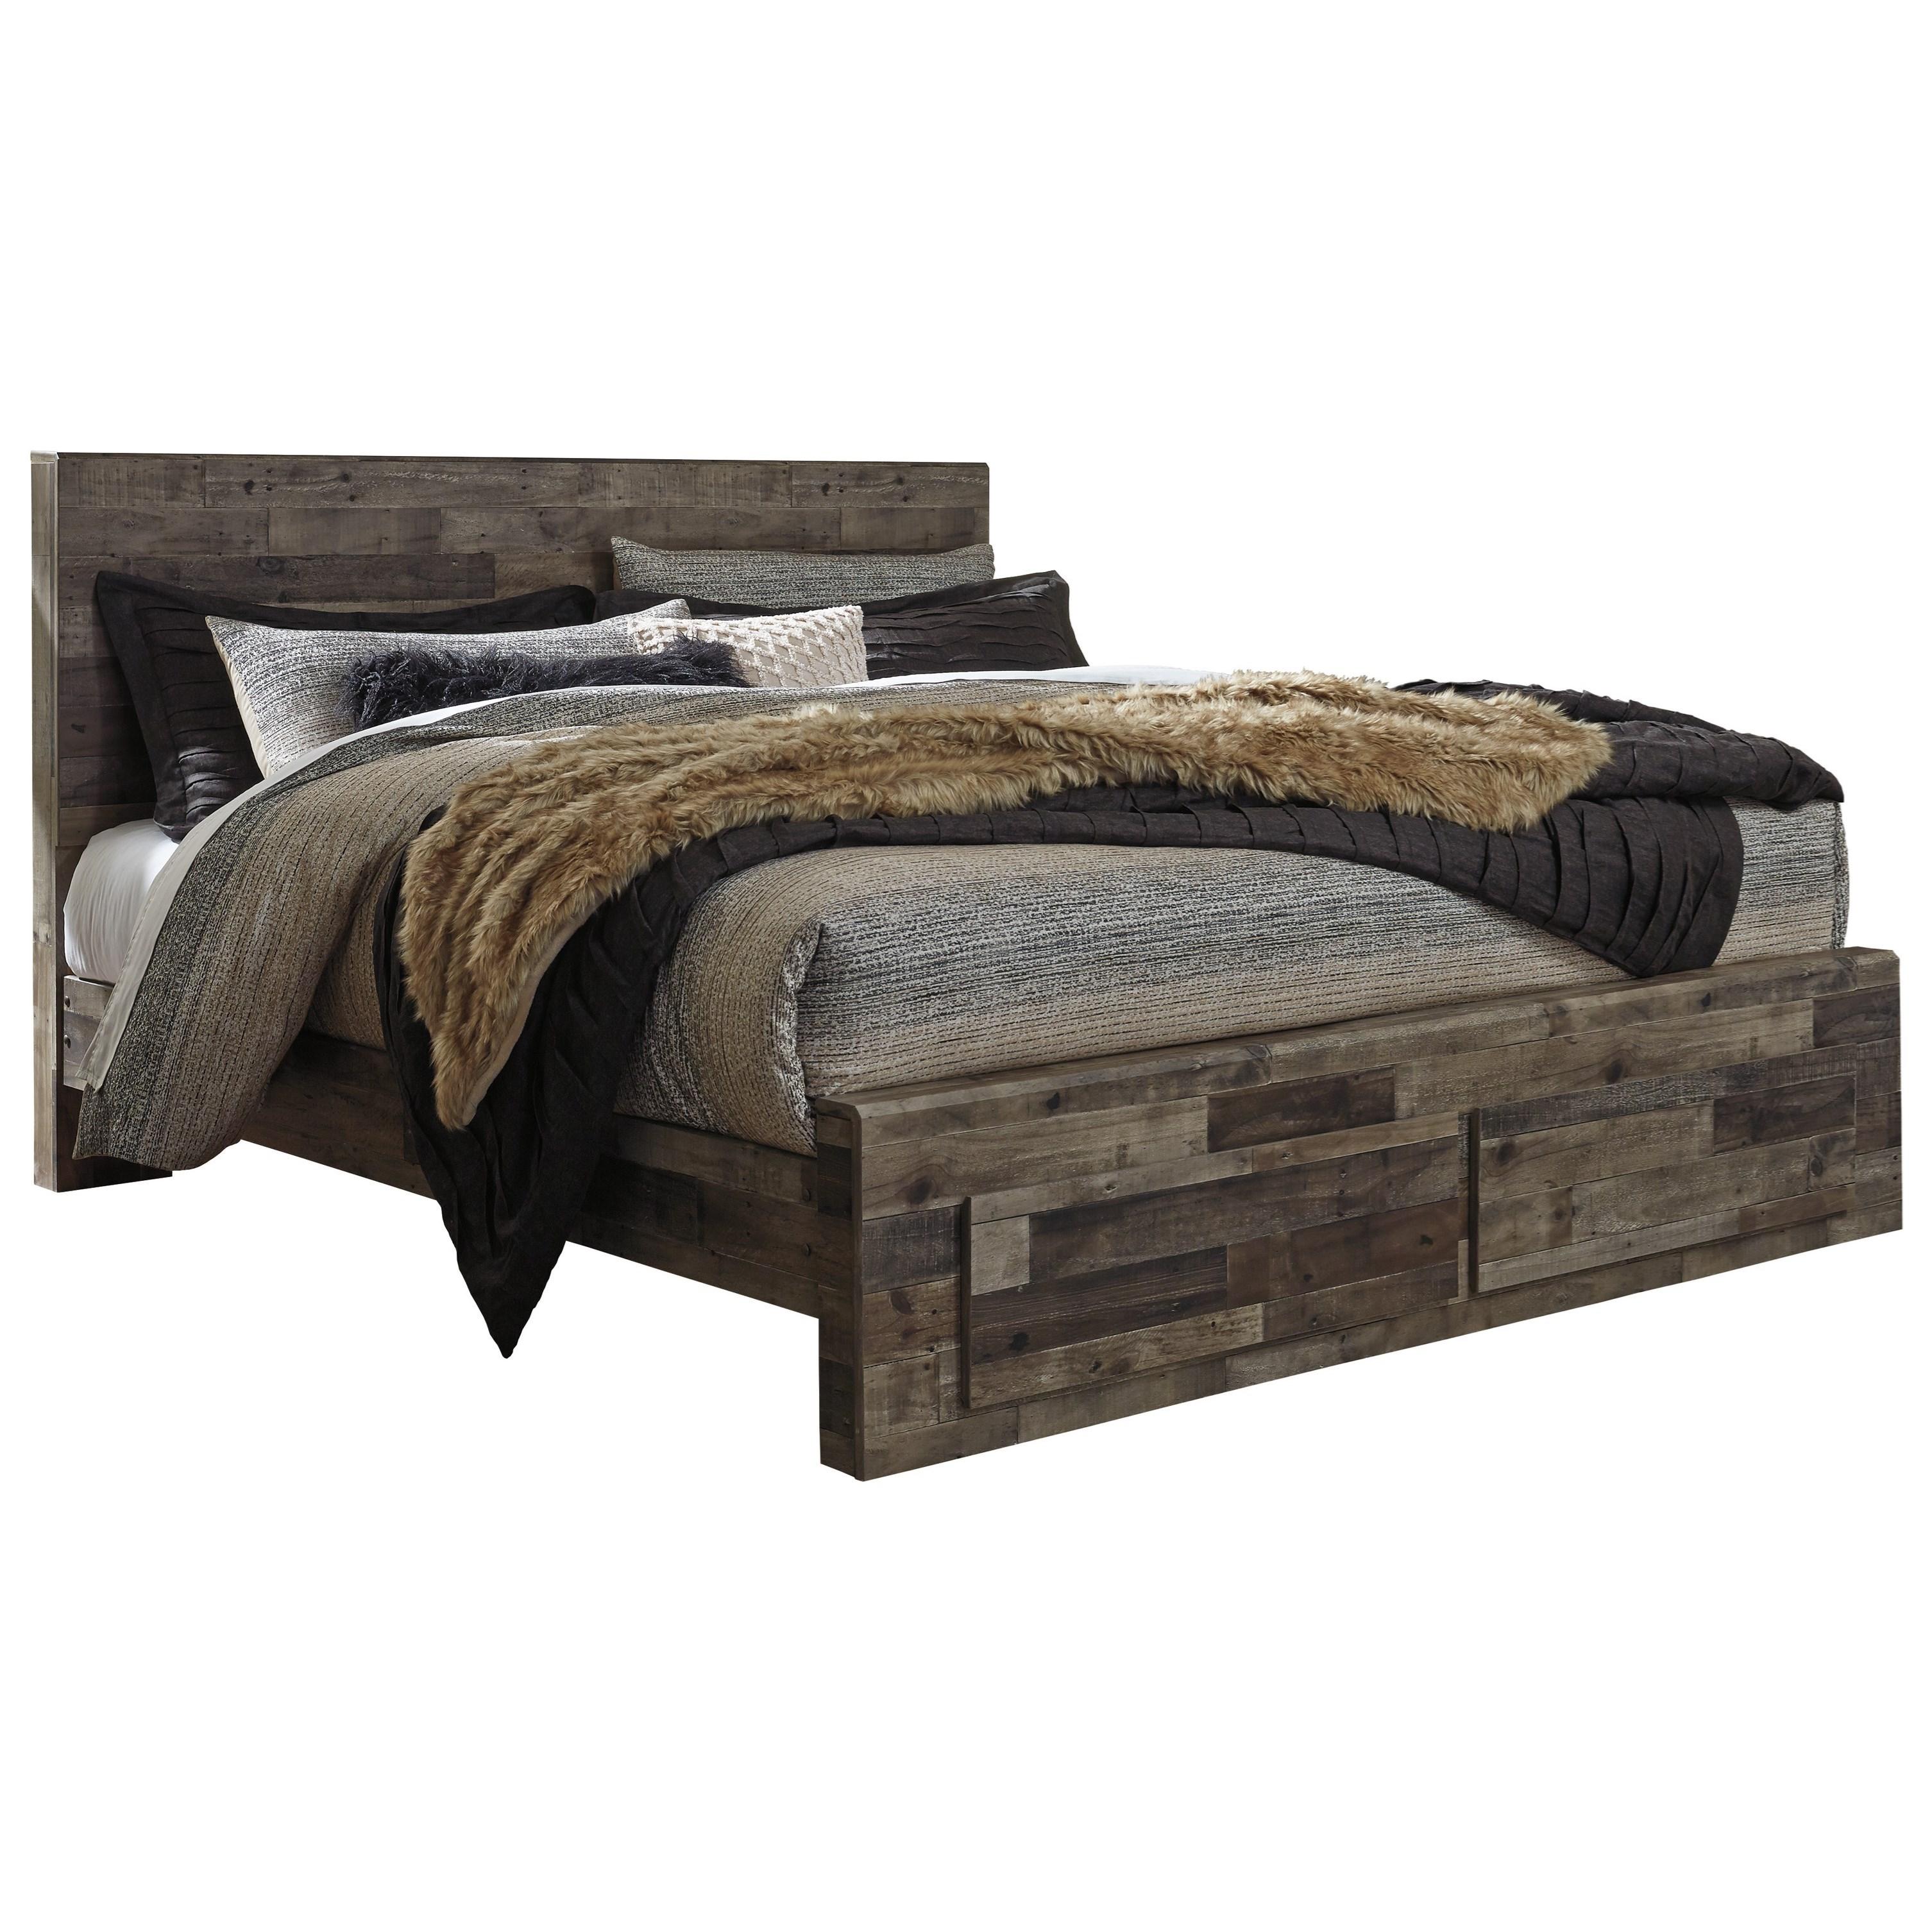 Benchcraft Derekson Rustic Modern King Storage Bed With 2